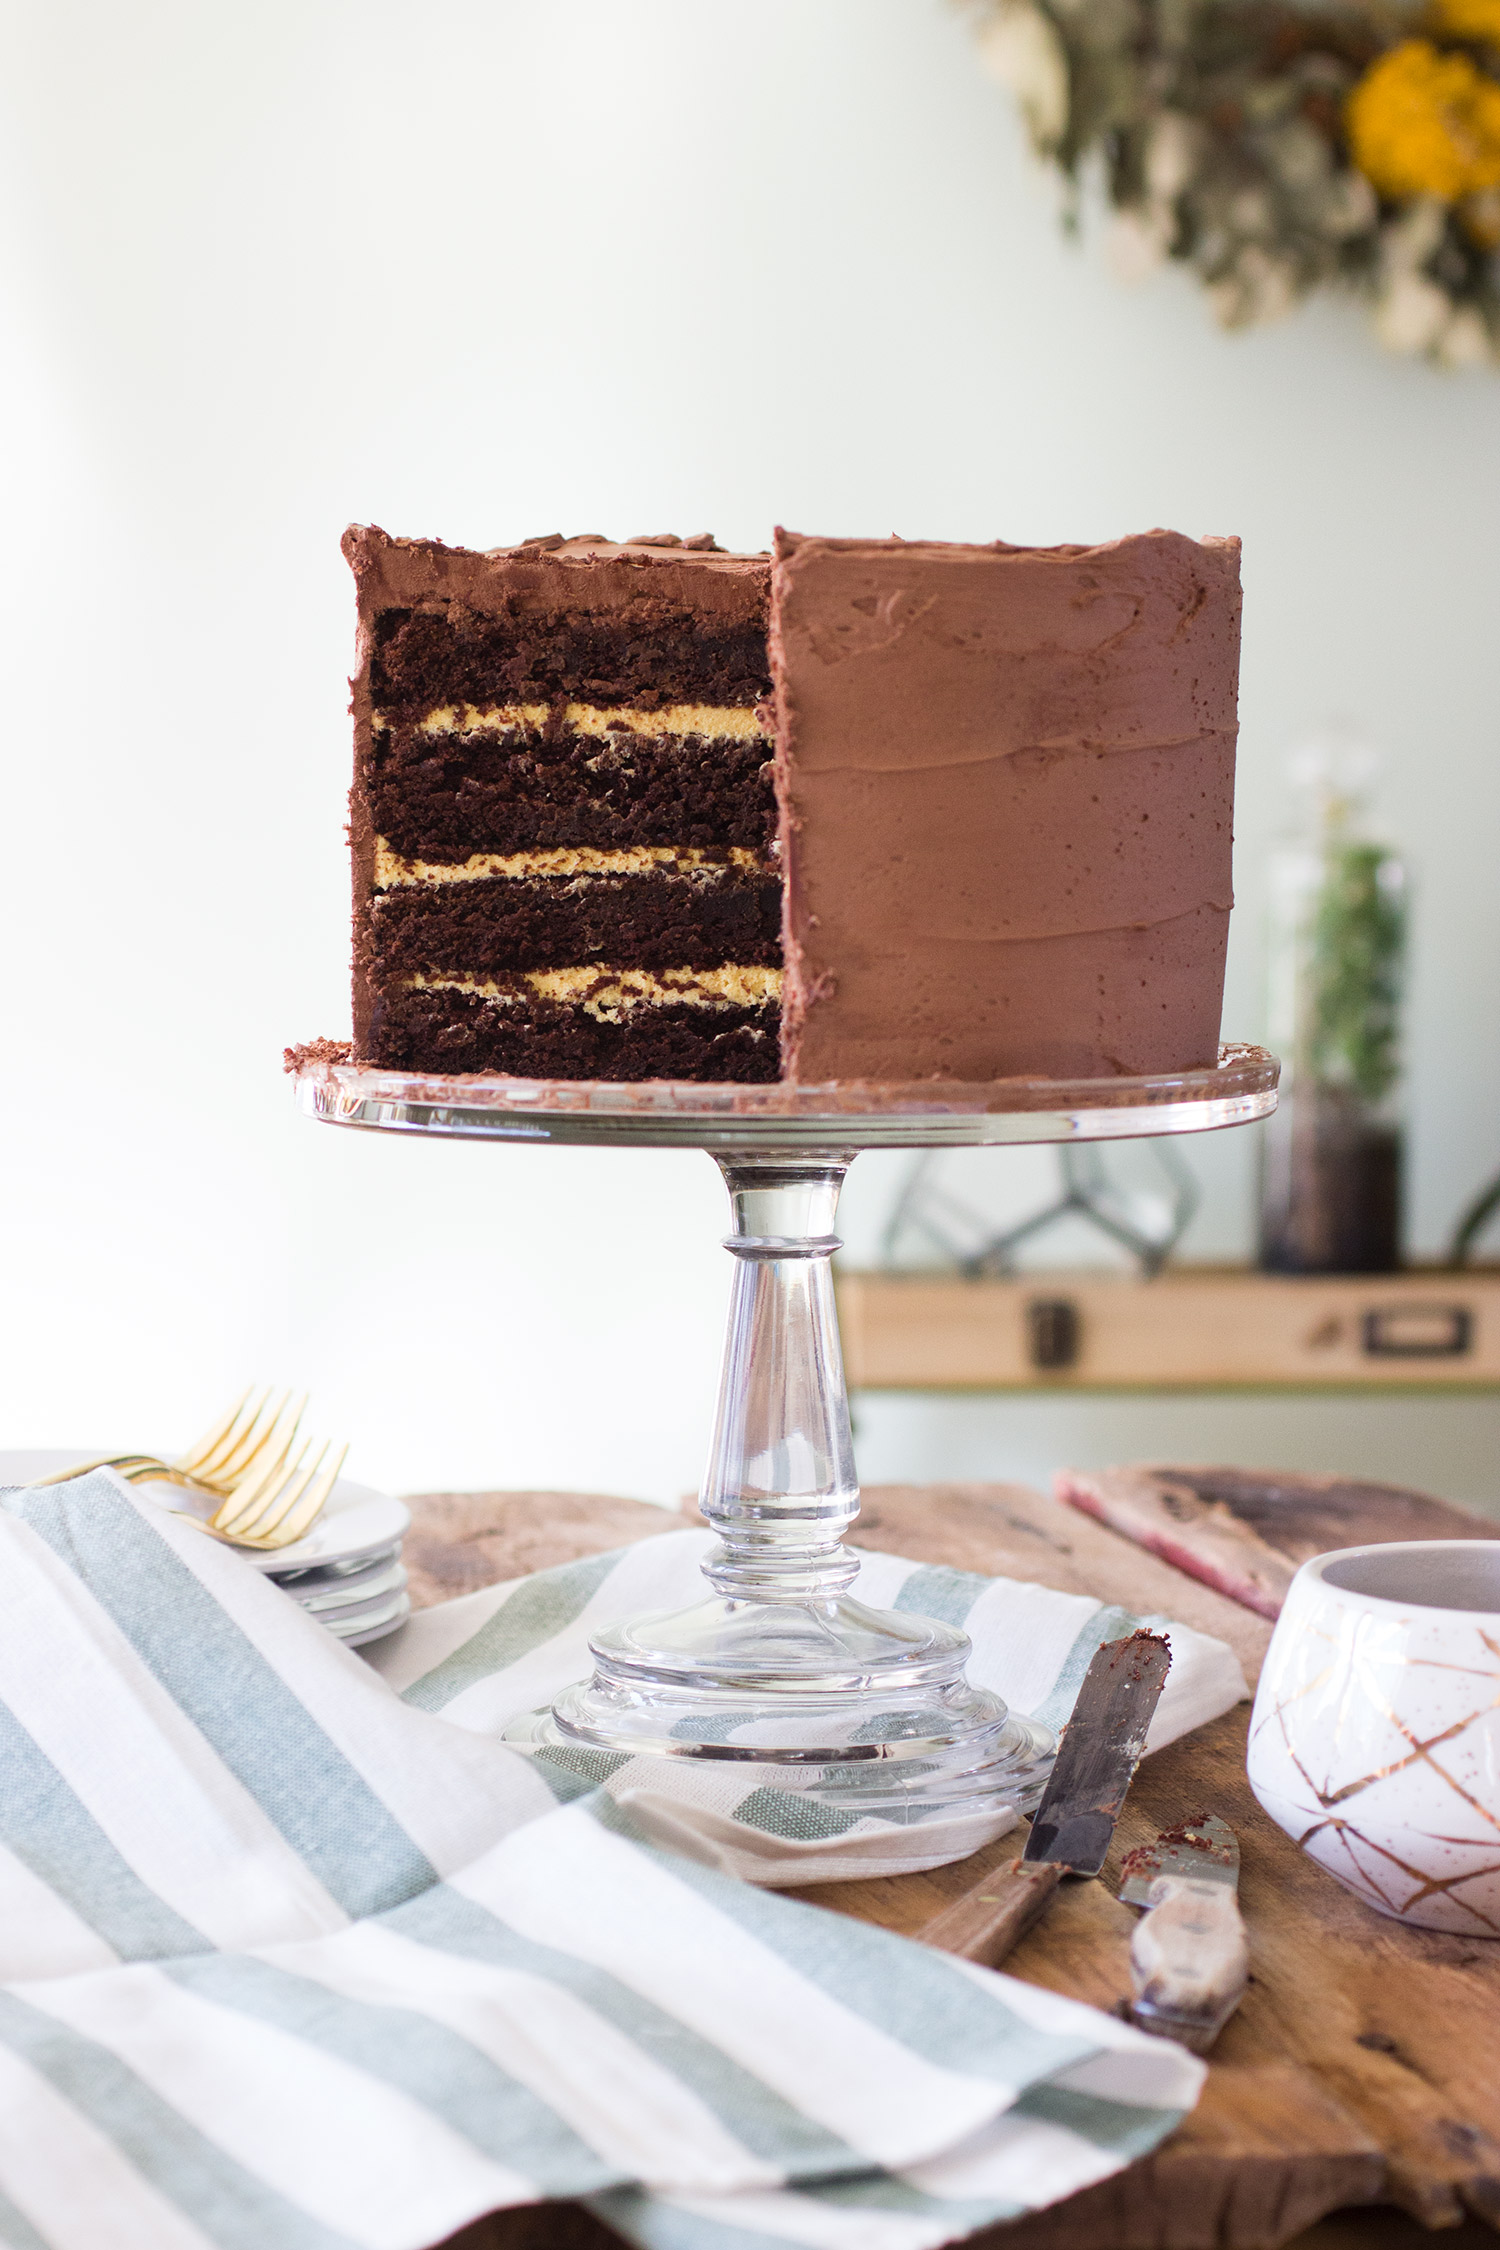 Chocolate-Covered Mango-Passionfruit Cake